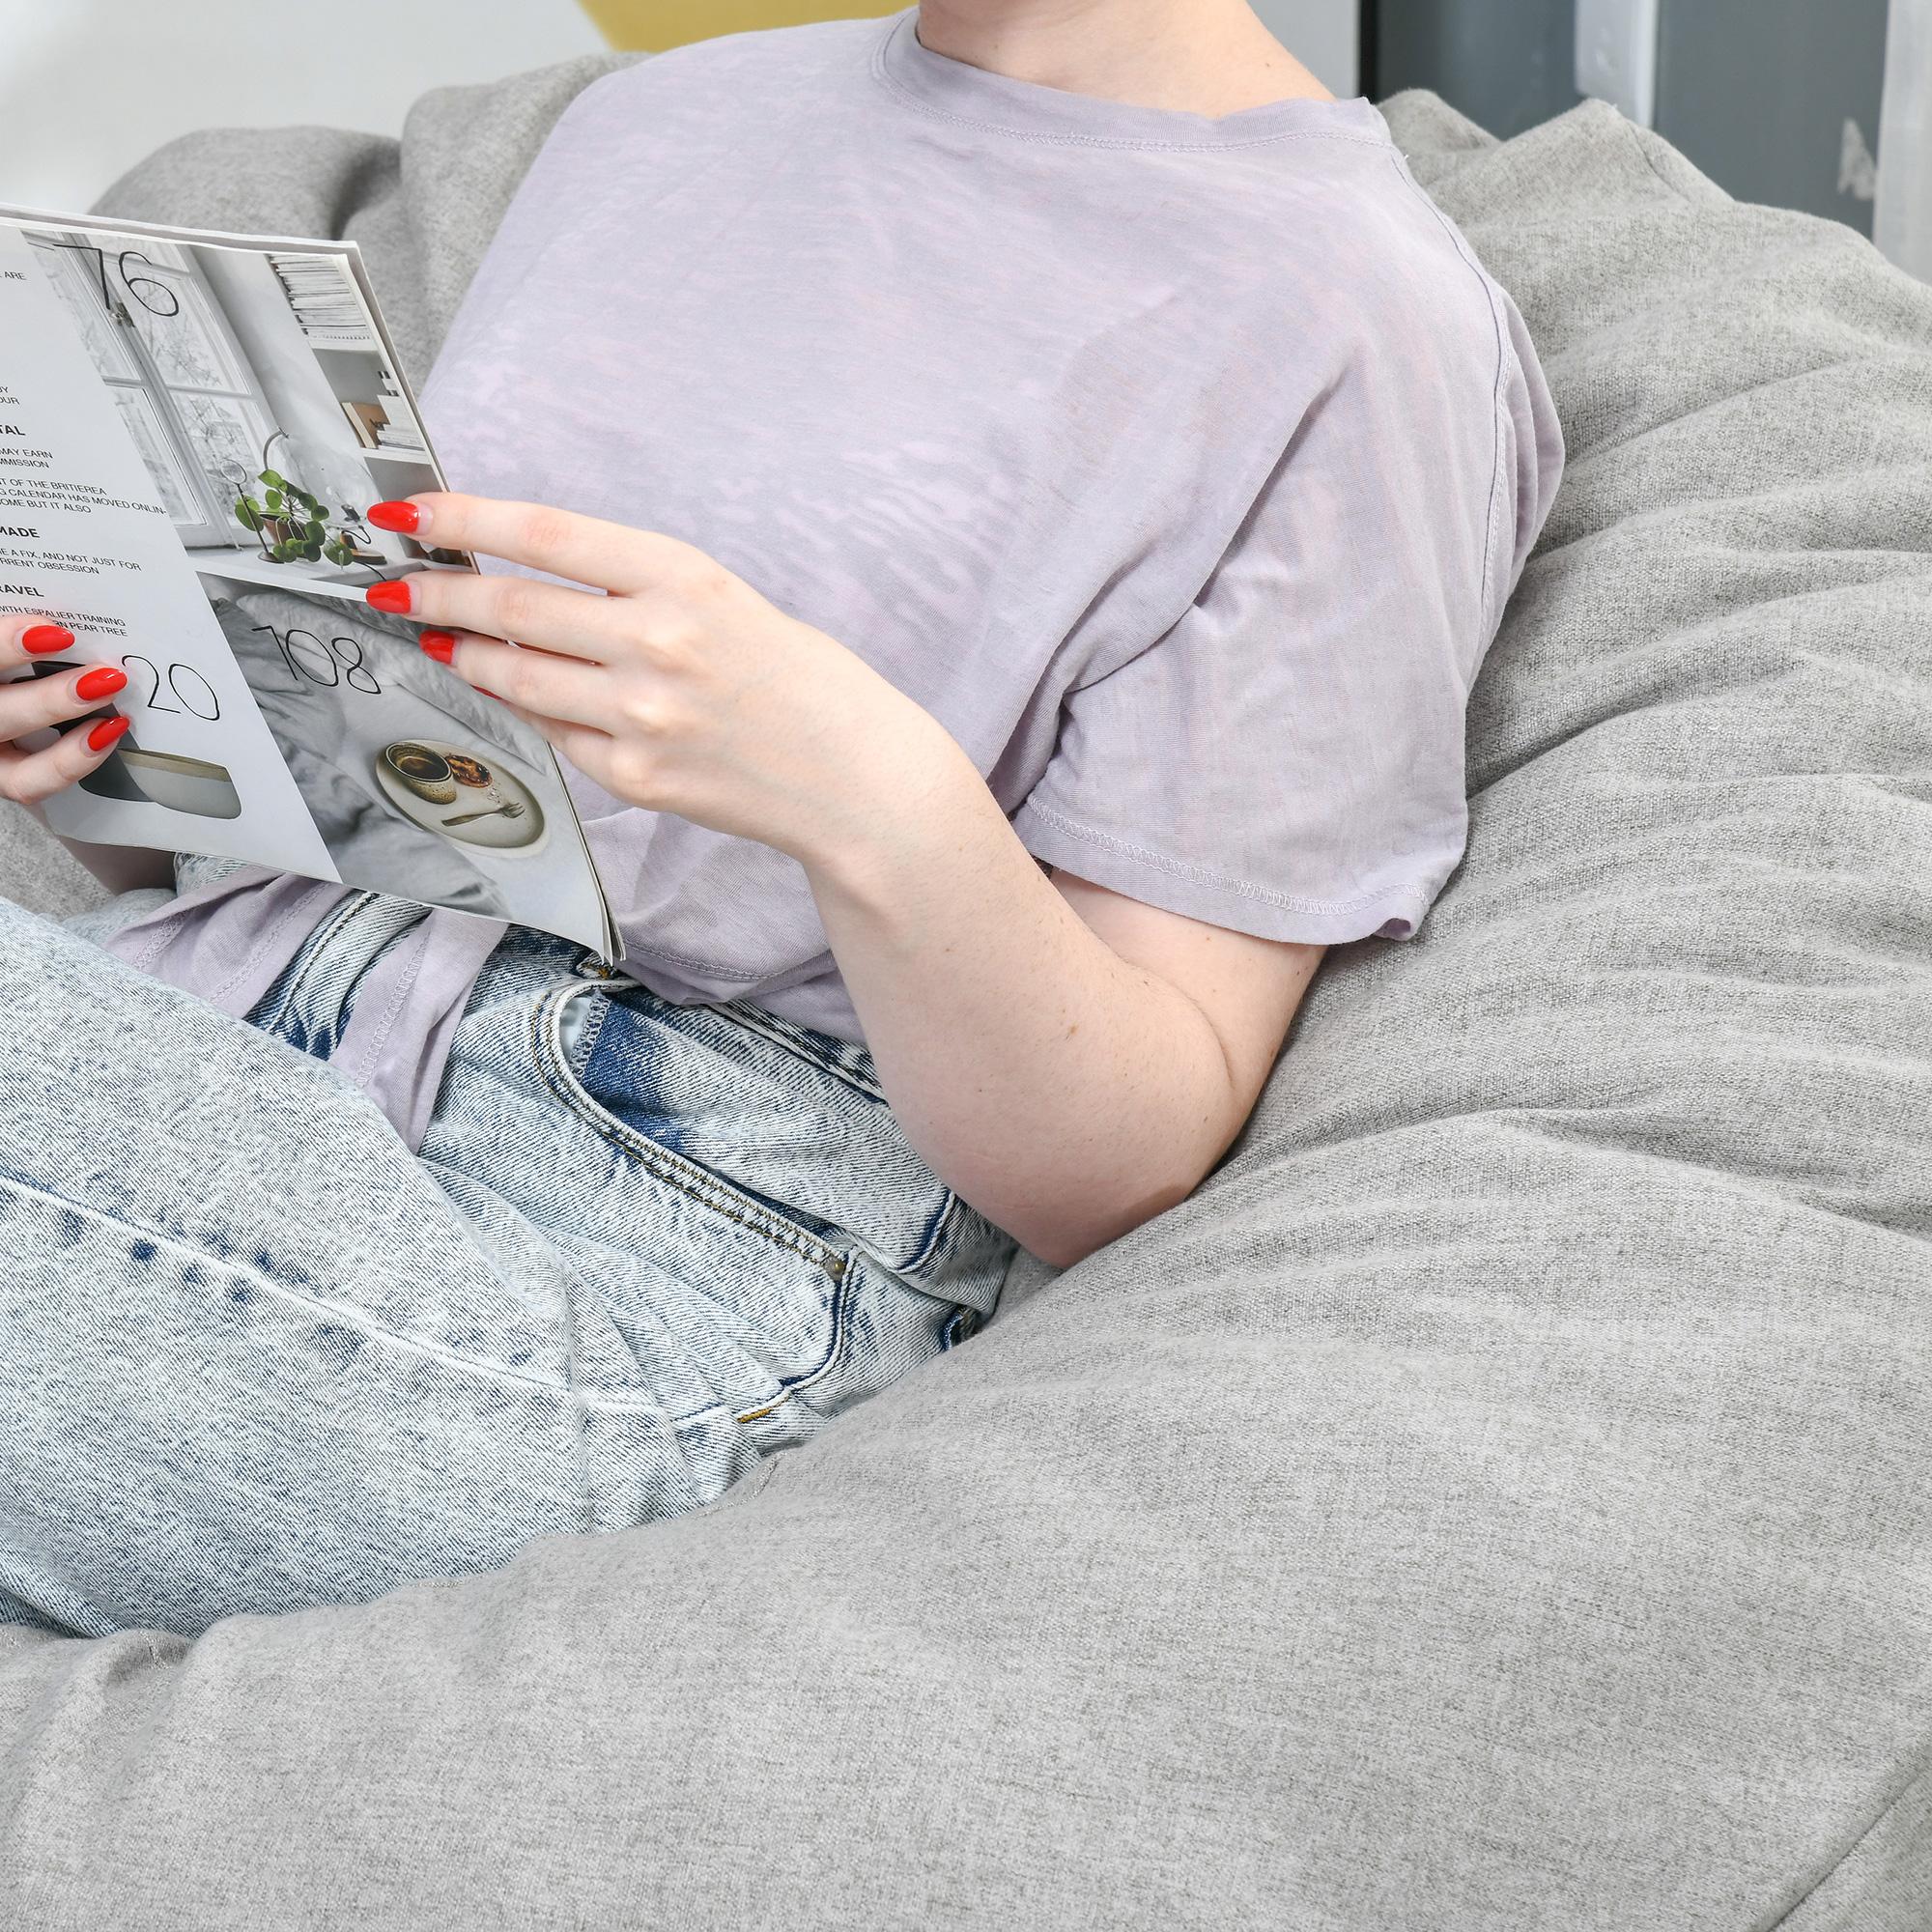 Indexbild 16 - Sitzsack Sitzkissen gepolstert Polyester Schaumstoff 3 Farben